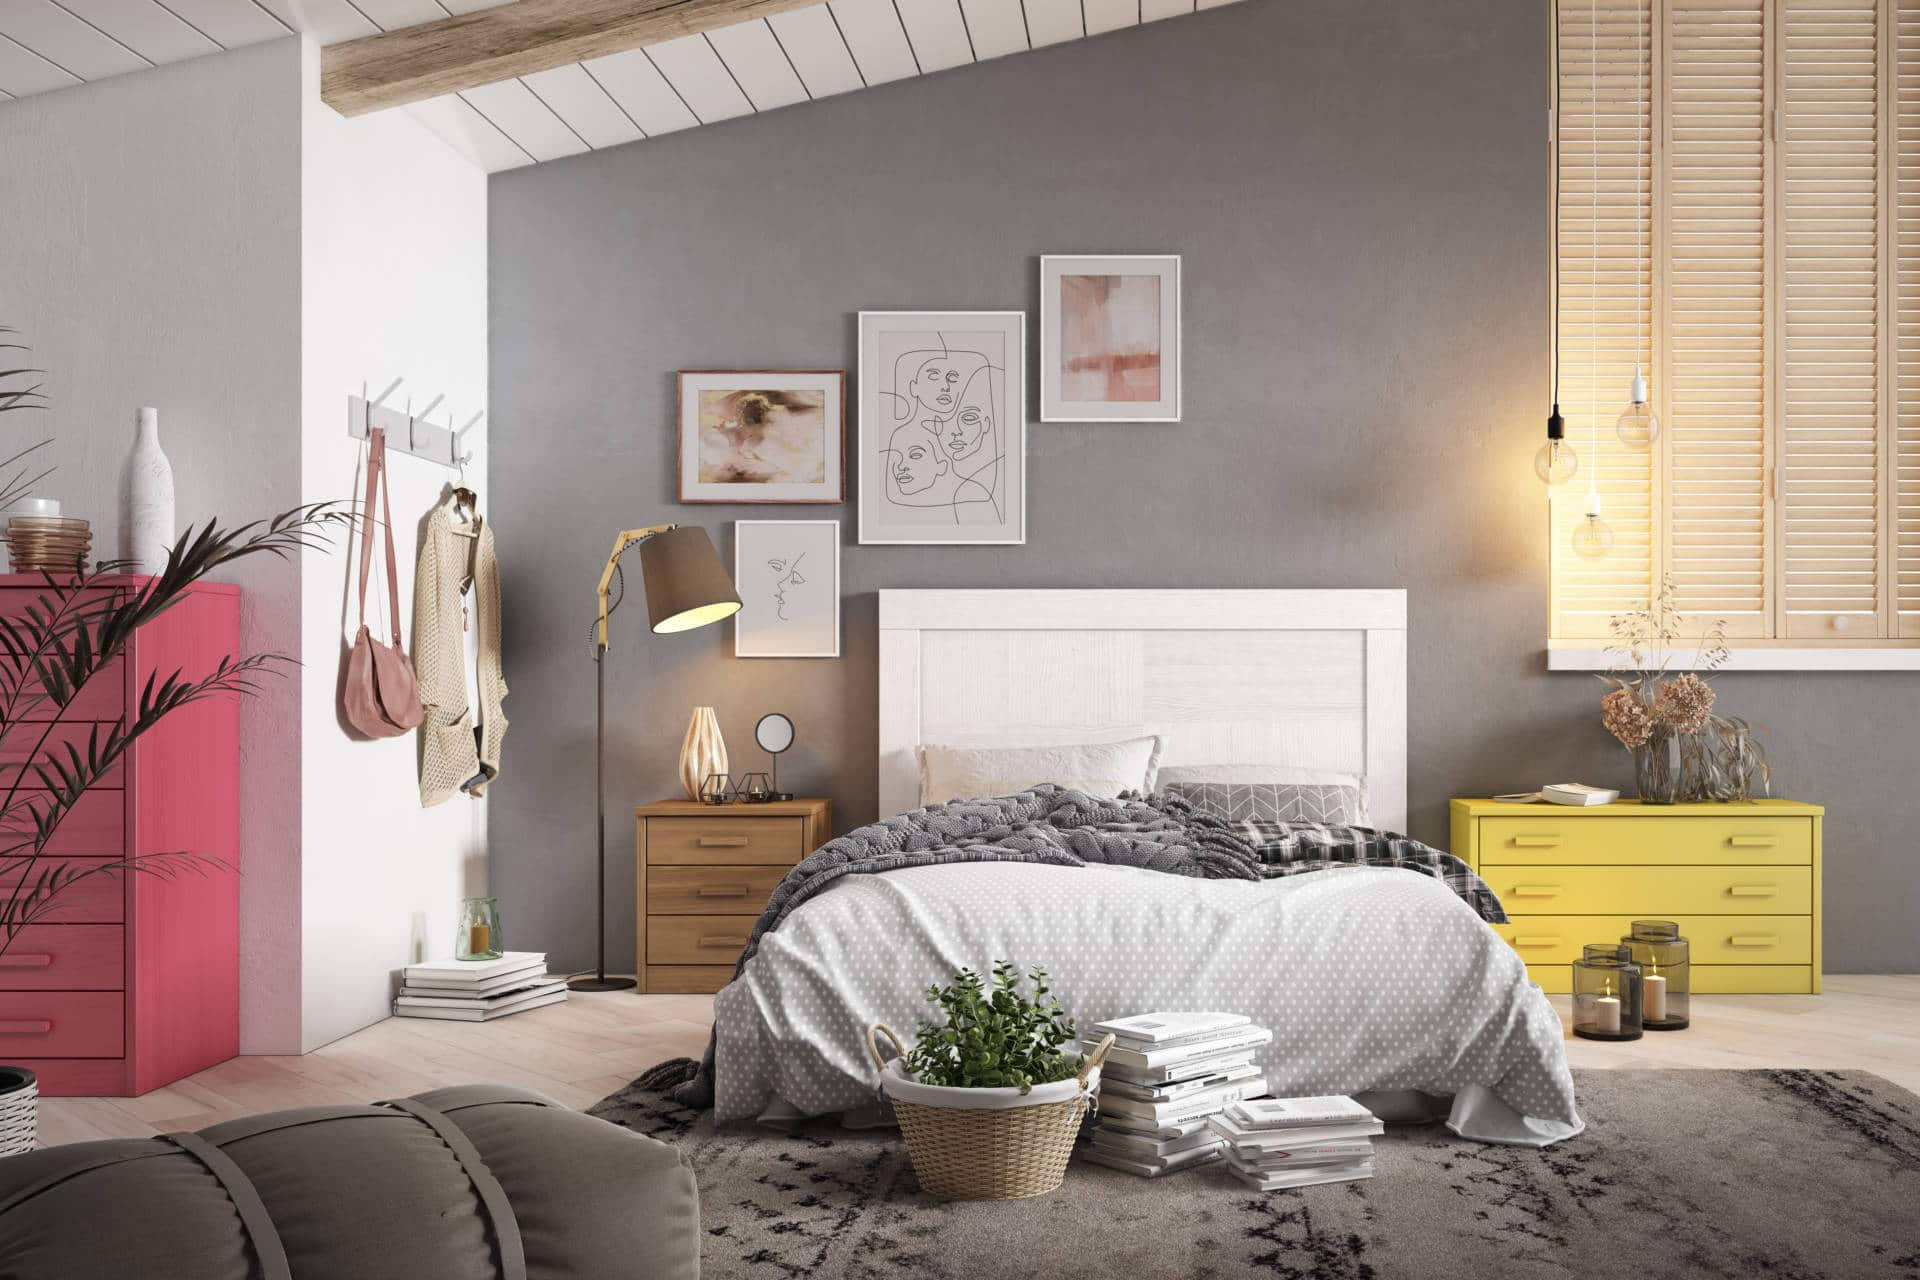 dormitorio_rustico_006